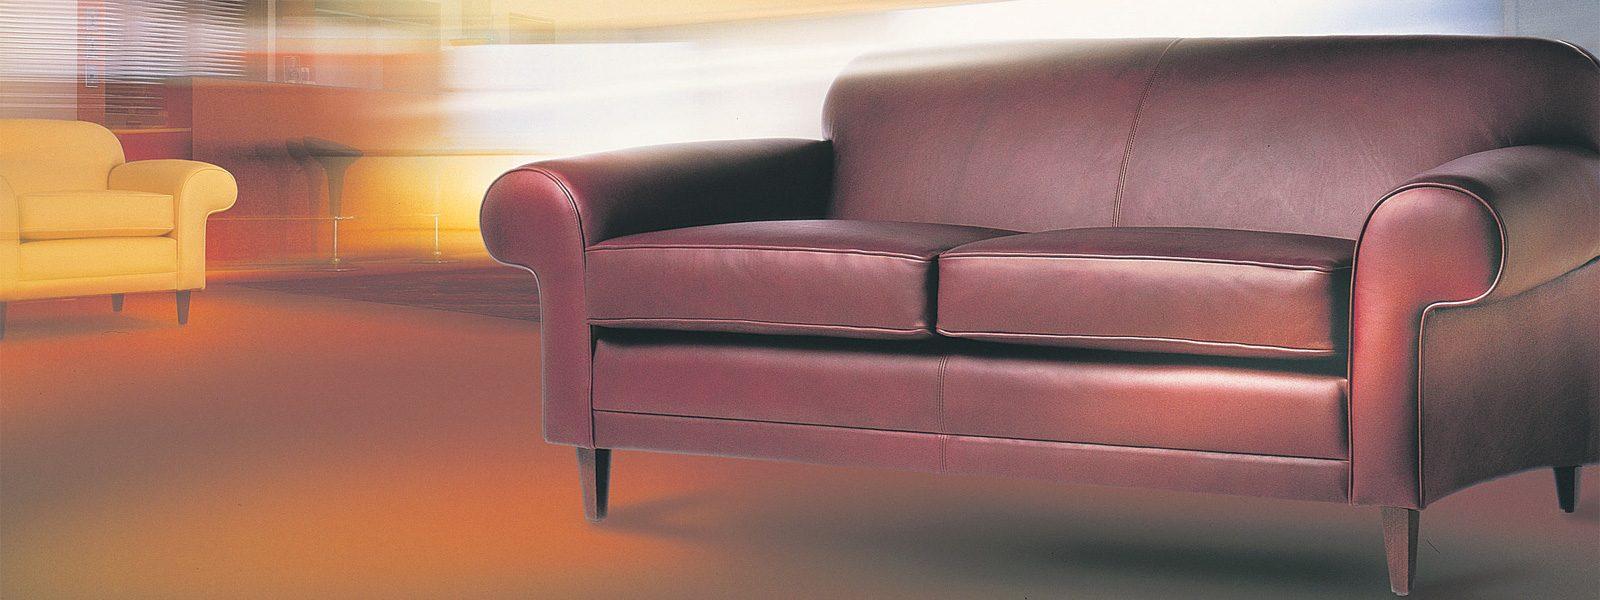 James Moran Furniture